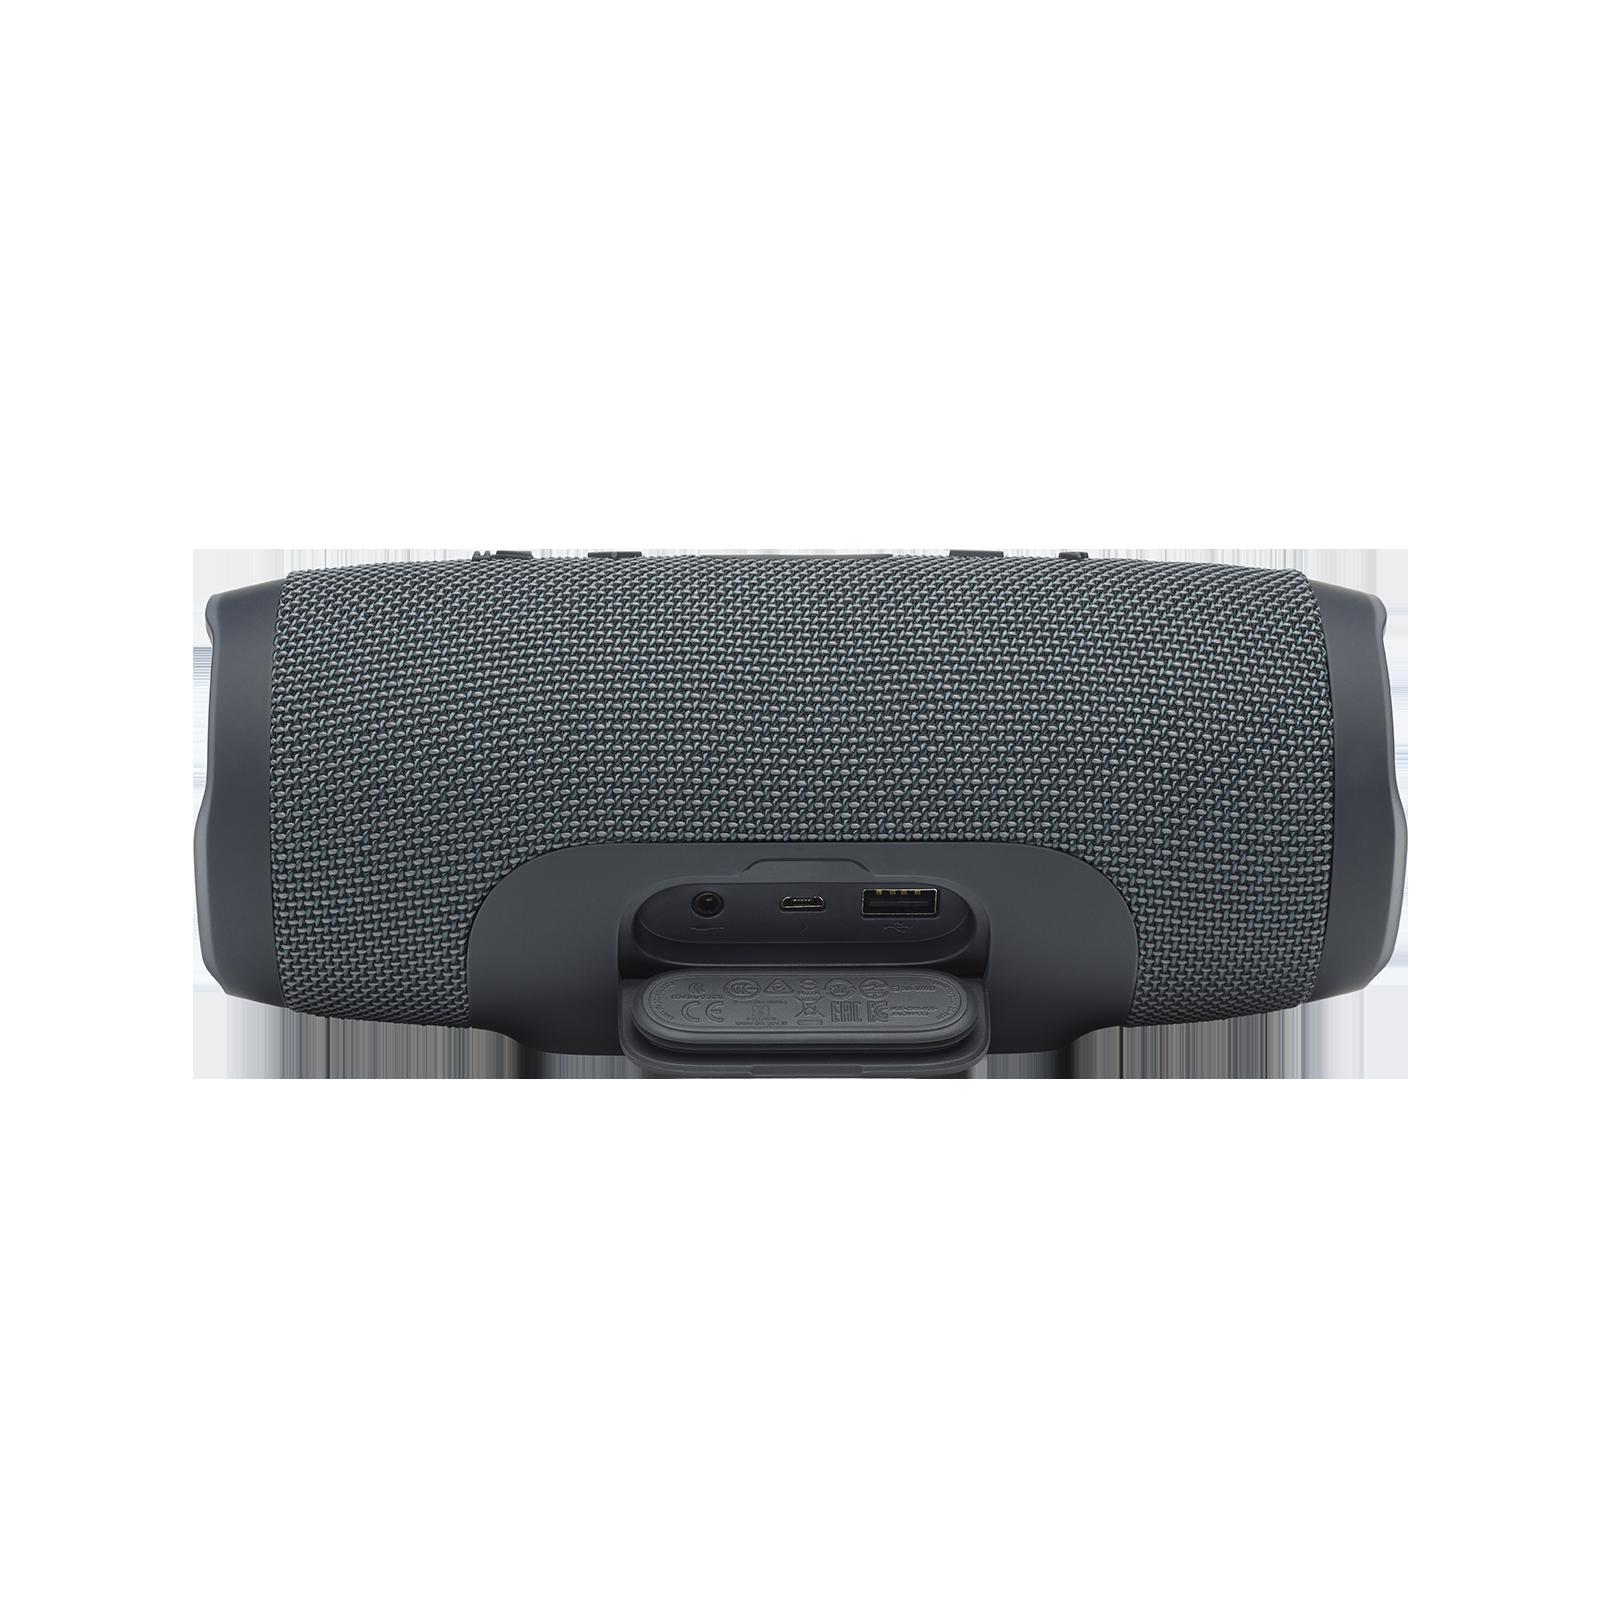 JBL Charge Essential - Gun Metal - Portable waterproof speaker - Detailshot 1